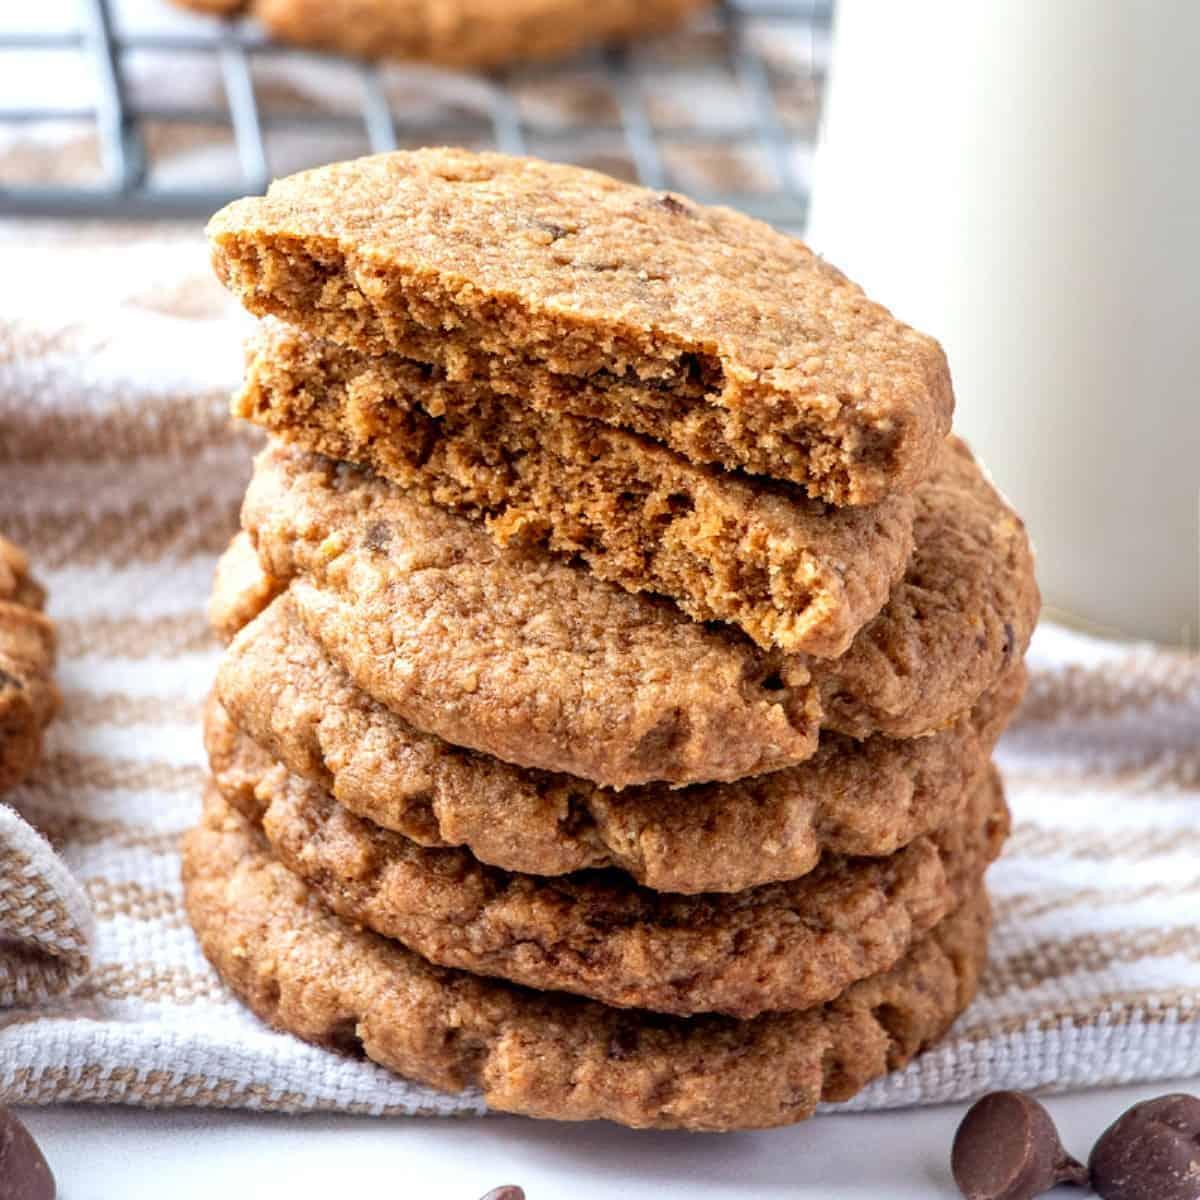 Stack of five peanut Butter vegan cookies with the top one broken open.